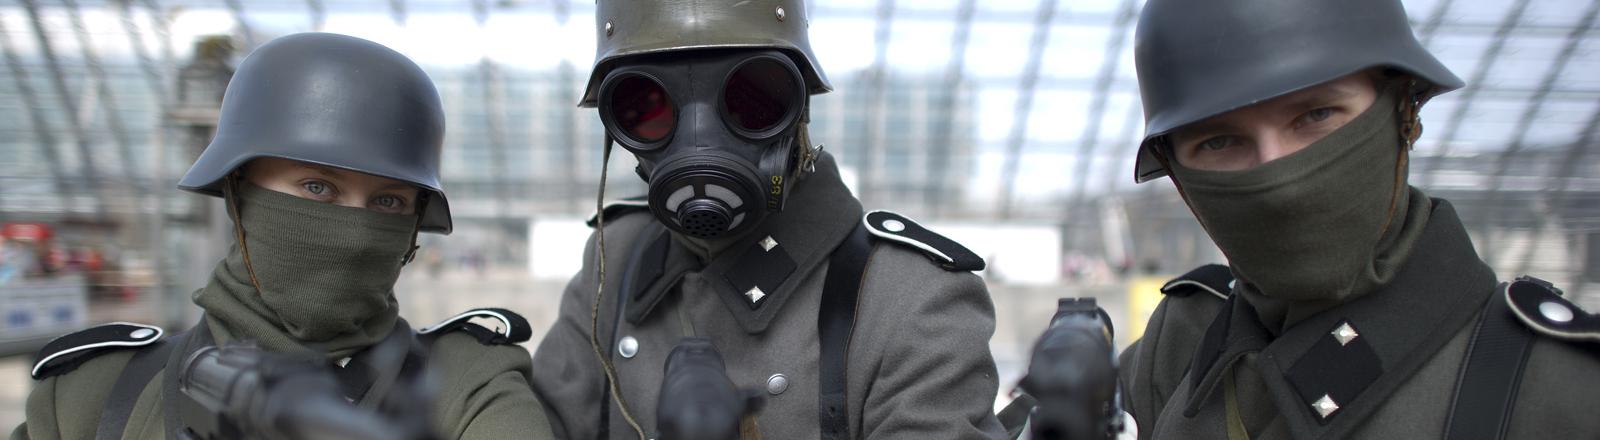 Menschen in Wehrmachtskostümen